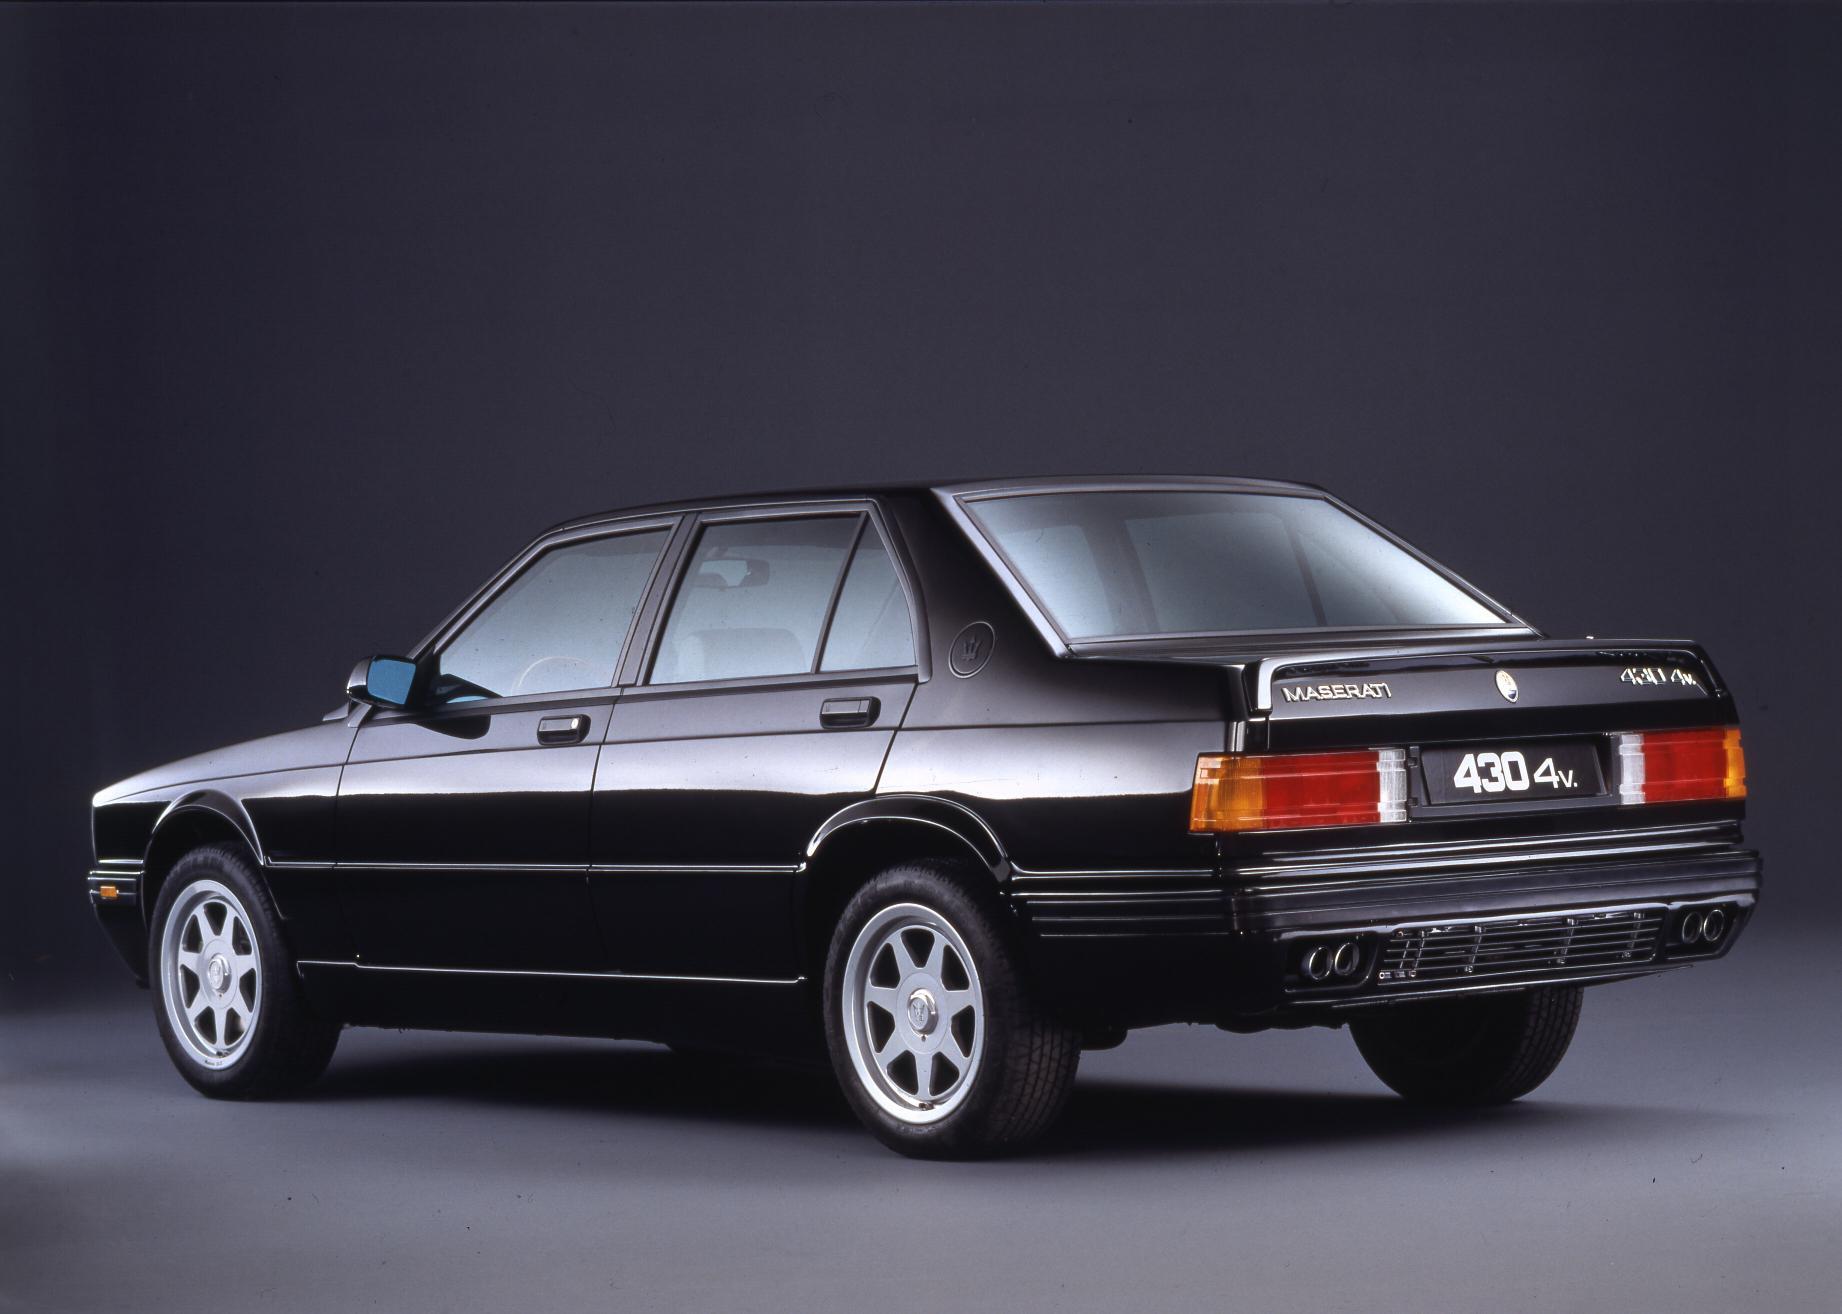 Ne vous fiez pas à cet air de BMW e30 : une 430 4v développe 280 ch !